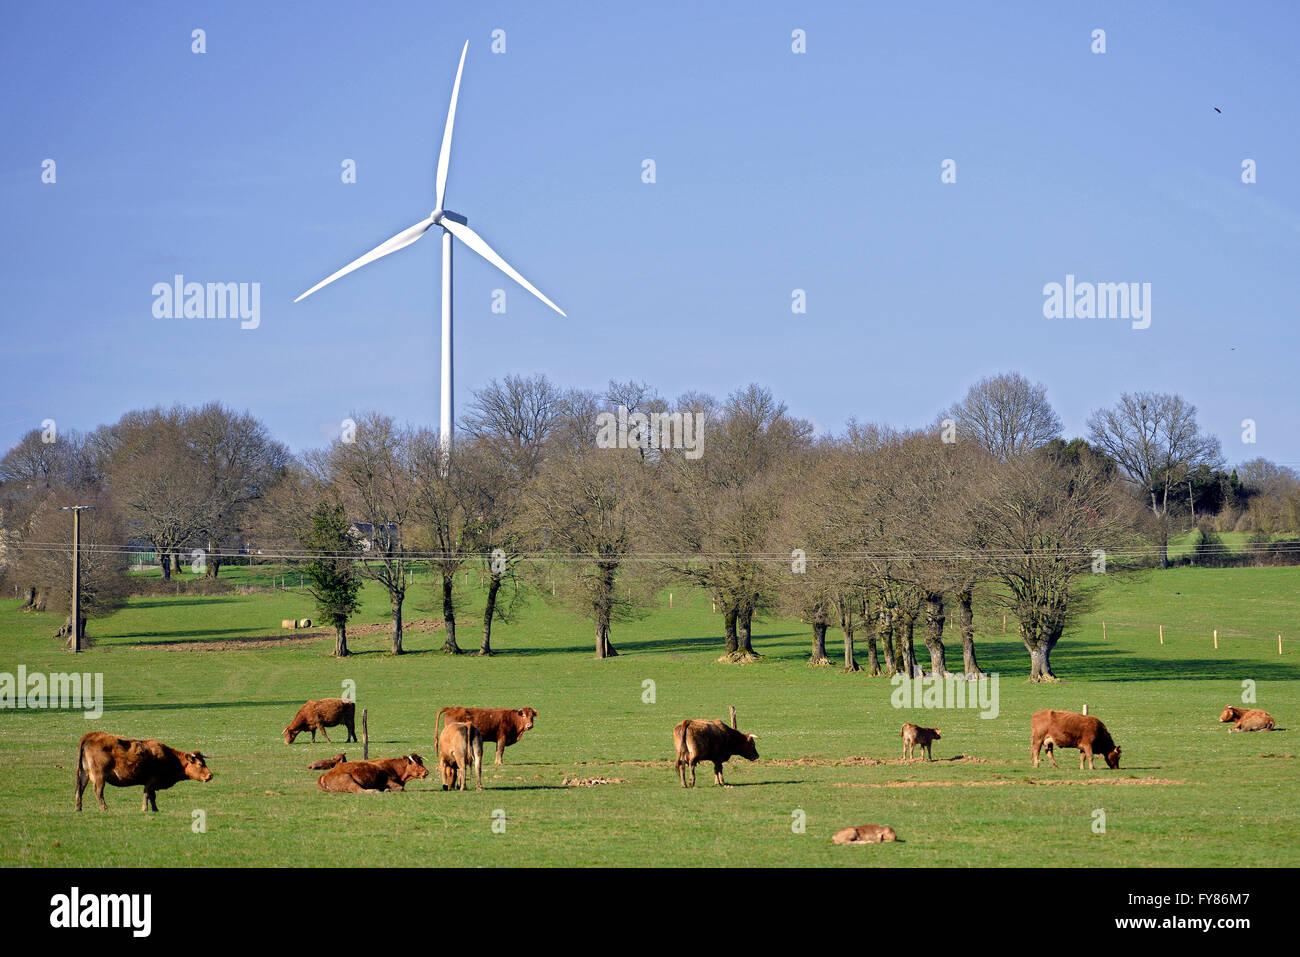 Braune Kühe und Kälber mit einer Windkraftanlage in Frankreich, Sarthe Abteilung Stockbild